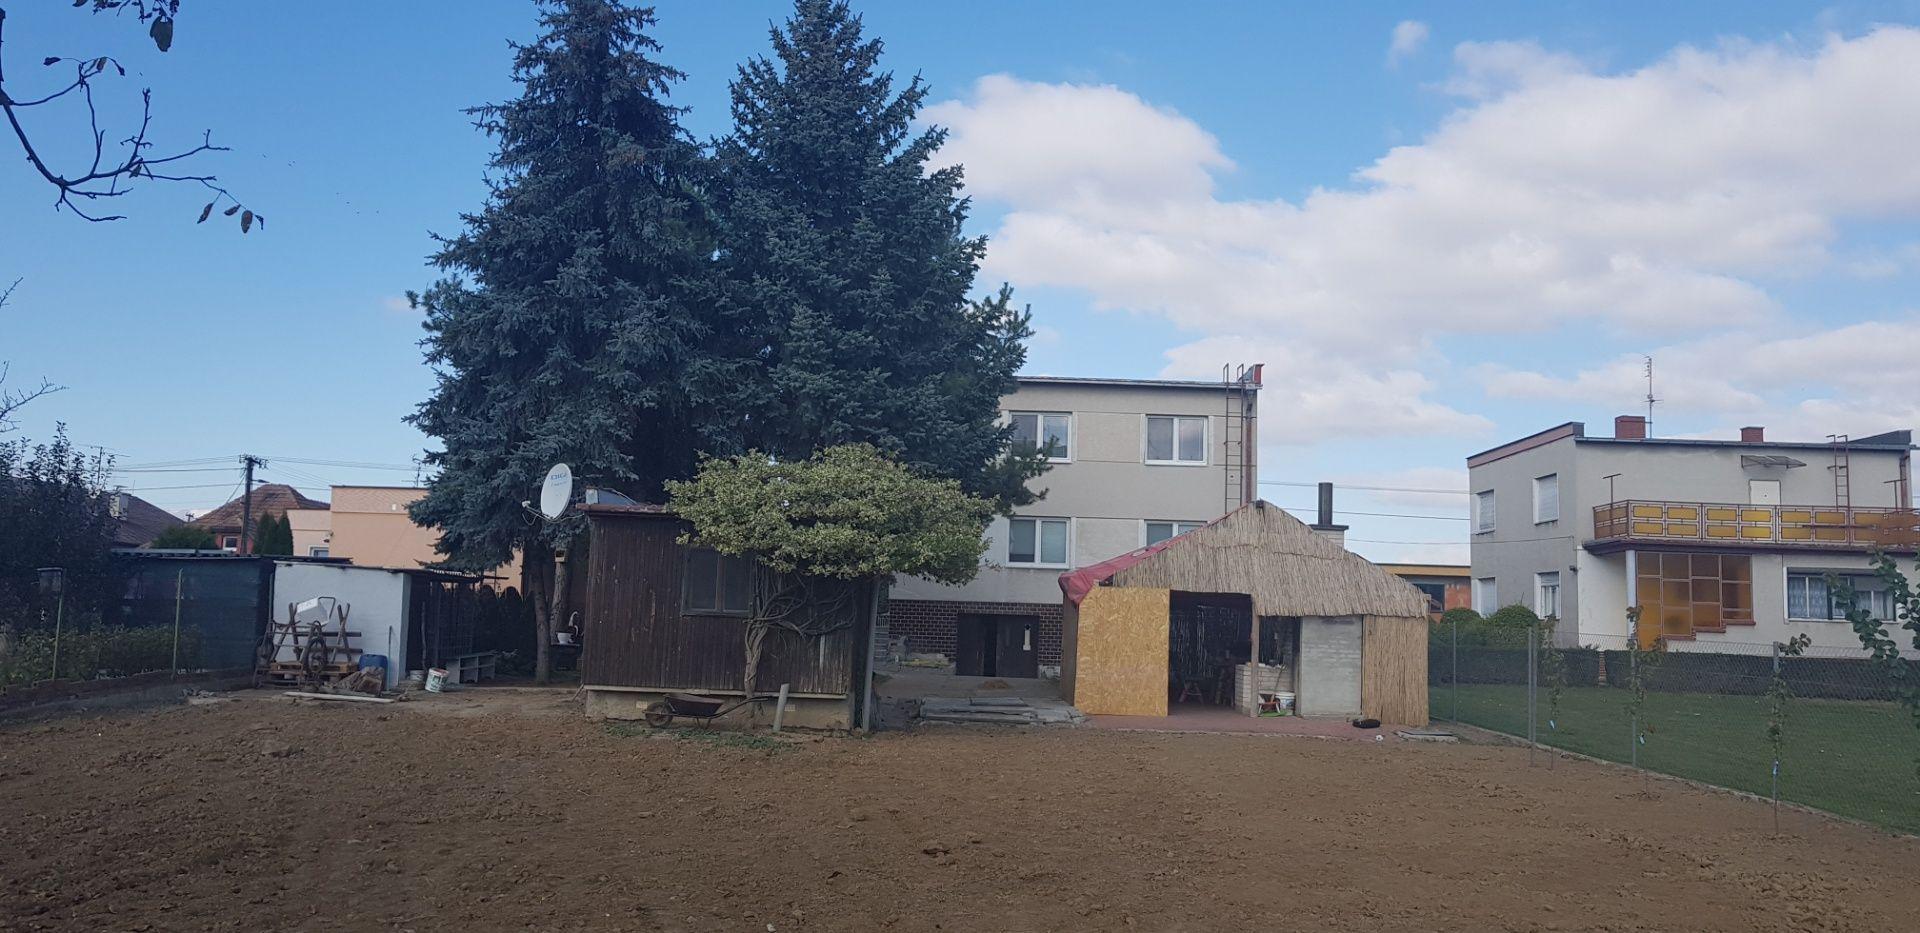 5ea458a5b EXKLUZIVNE - BOŠANY viacgeneračný rodinný dom, pozemok 1162 m2 - Bošany